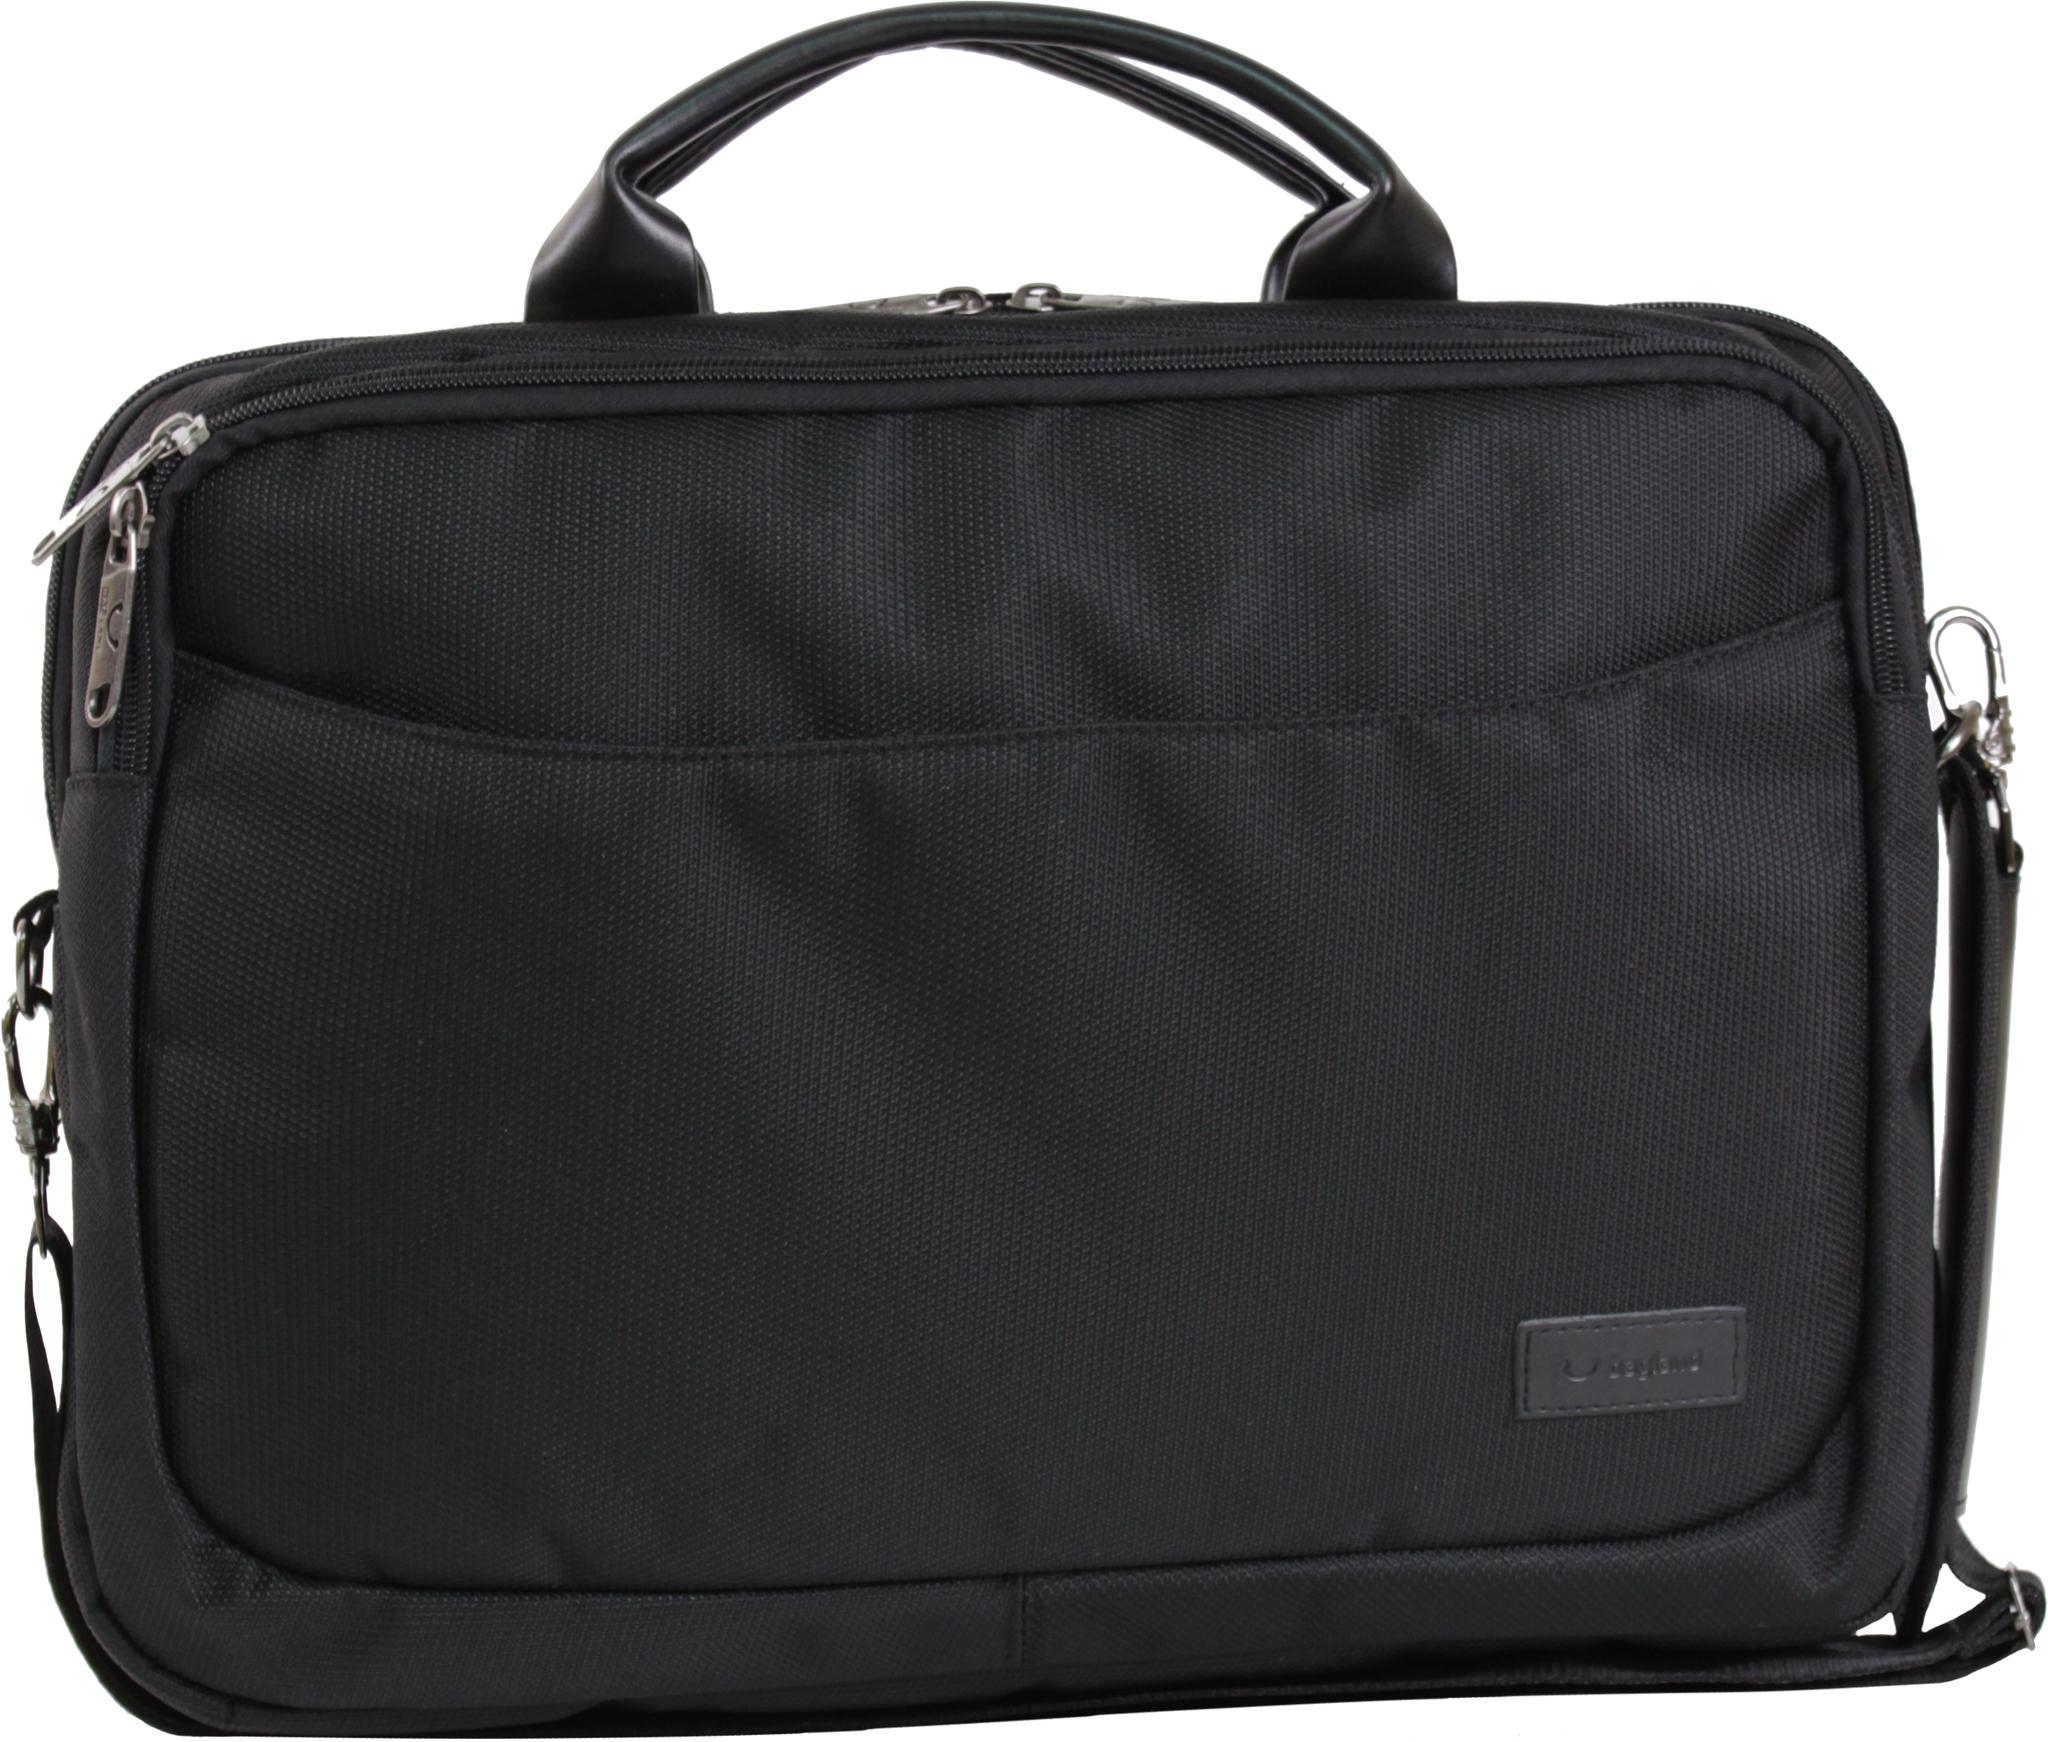 Каталог Сумка для ноутбука Bagland Fremont 11 л. Чёрный (0042780) IMG_0813.JPG